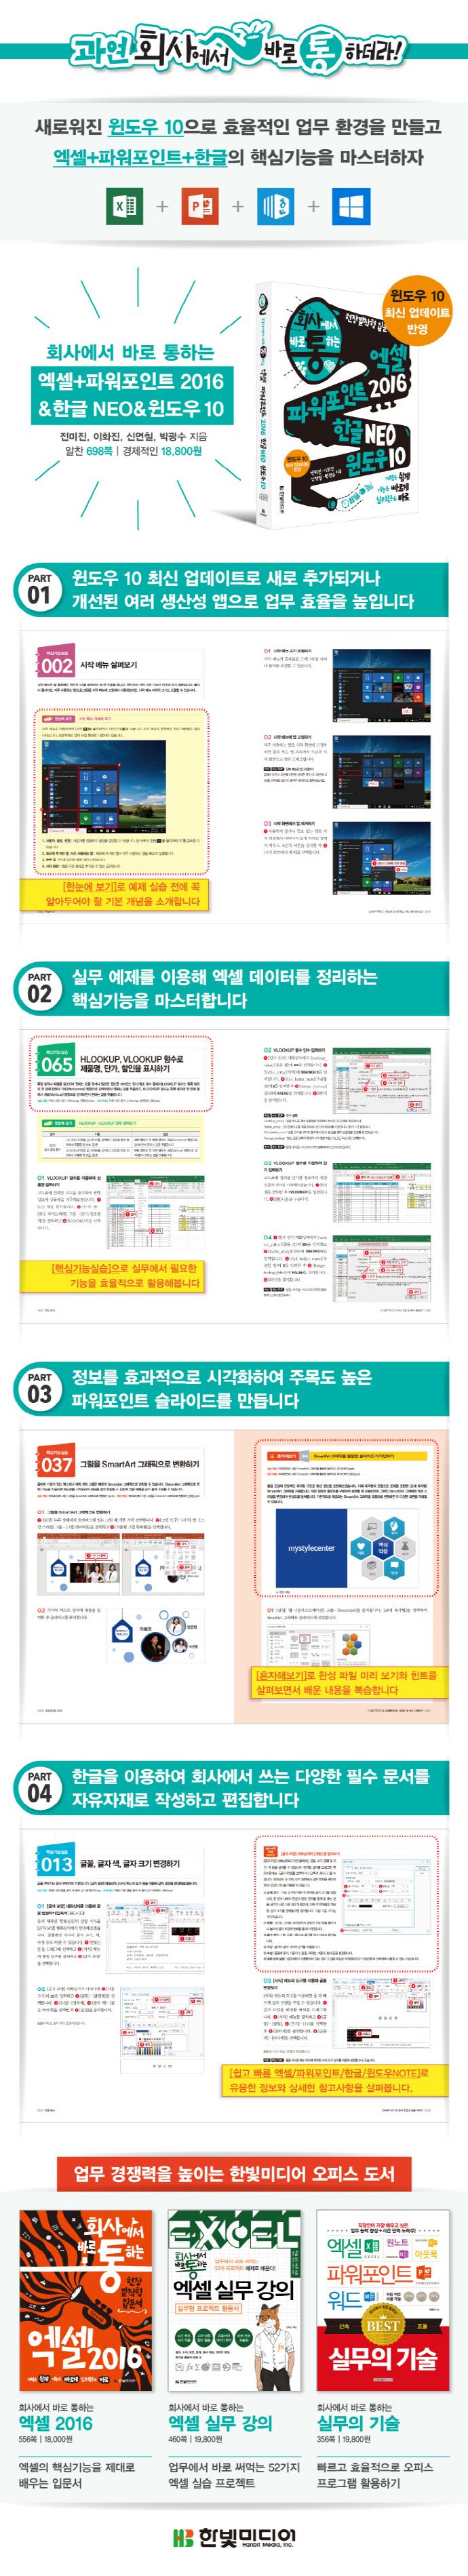 회사에서 바로 통하는 엑셀+파워포인트 2016 한글 NEO 윈도우 10(회사통) 도서 상세이미지